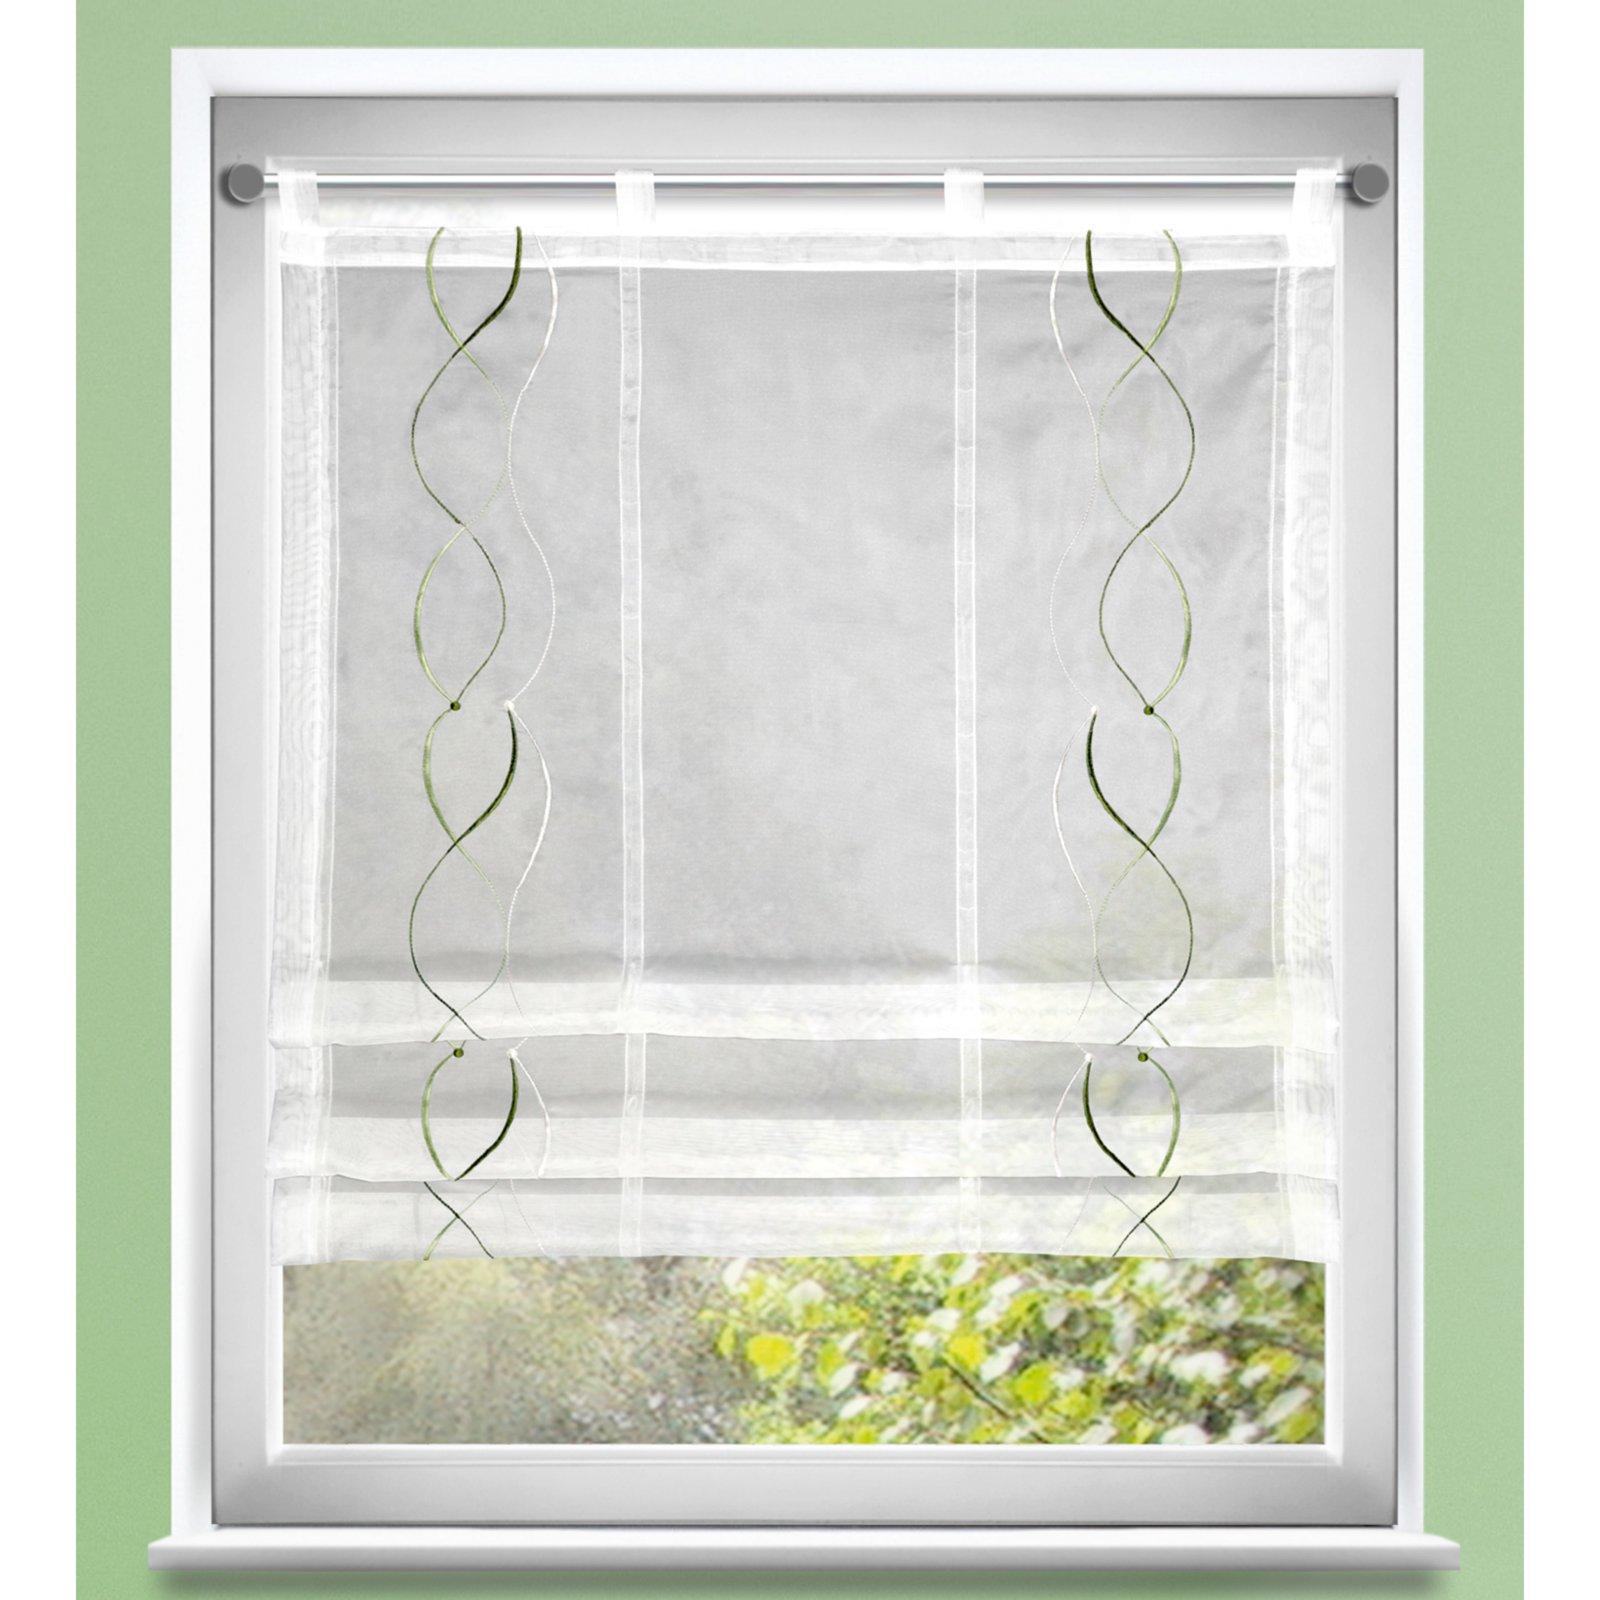 Clips-Raffrollo - weiß-grün - 80x120 cm | Online bei ROLLER kaufen